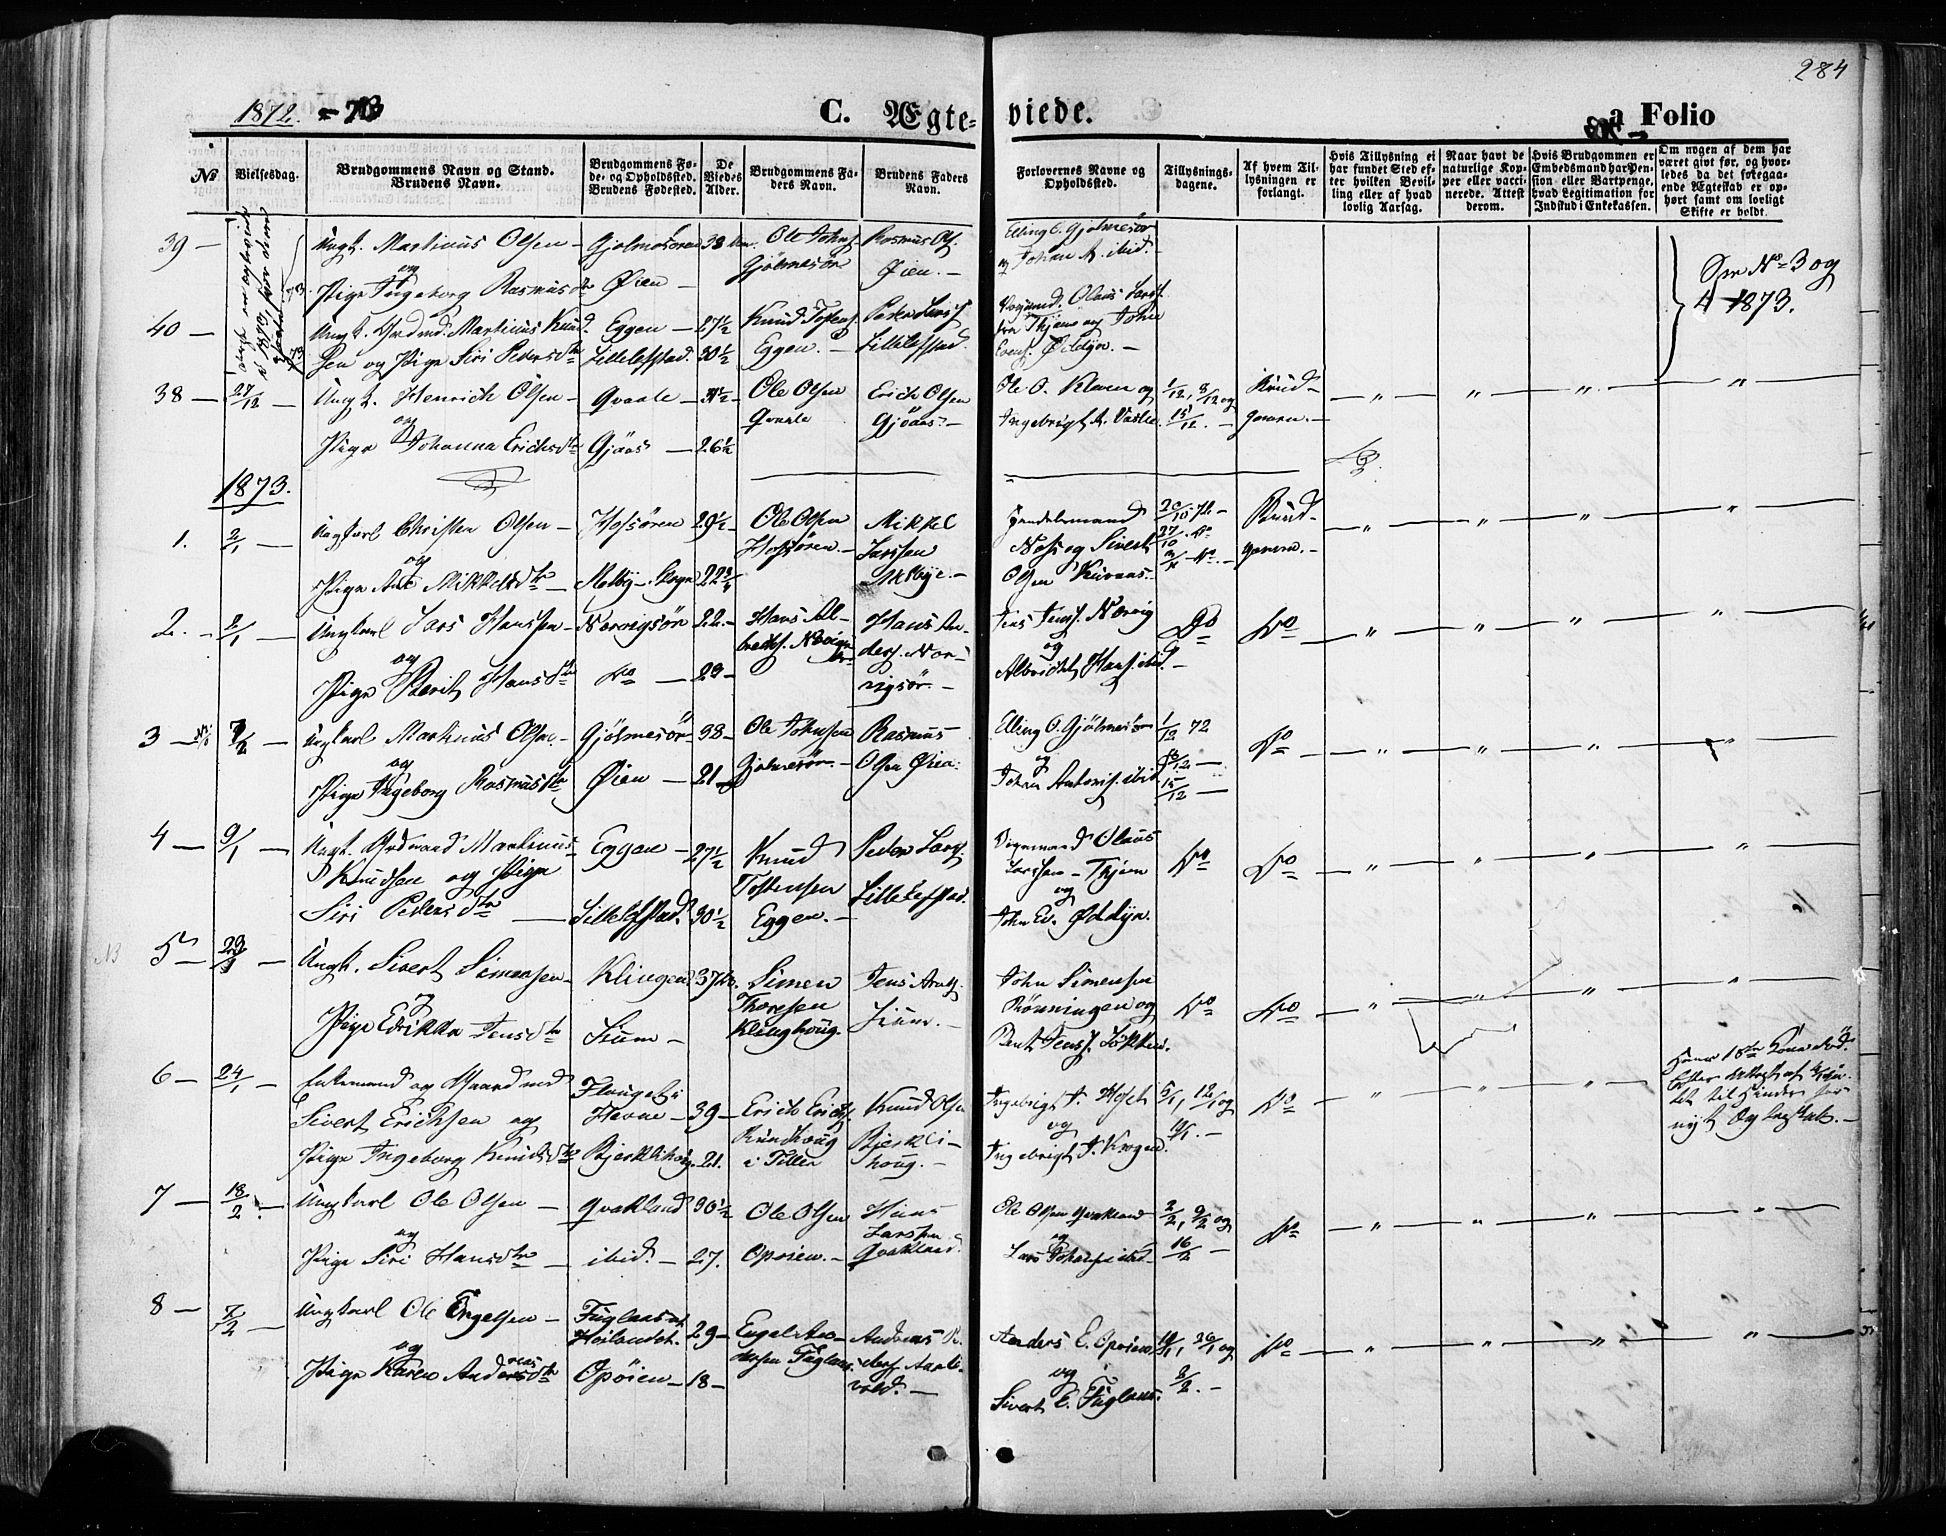 SAT, Ministerialprotokoller, klokkerbøker og fødselsregistre - Sør-Trøndelag, 668/L0807: Ministerialbok nr. 668A07, 1870-1880, s. 284